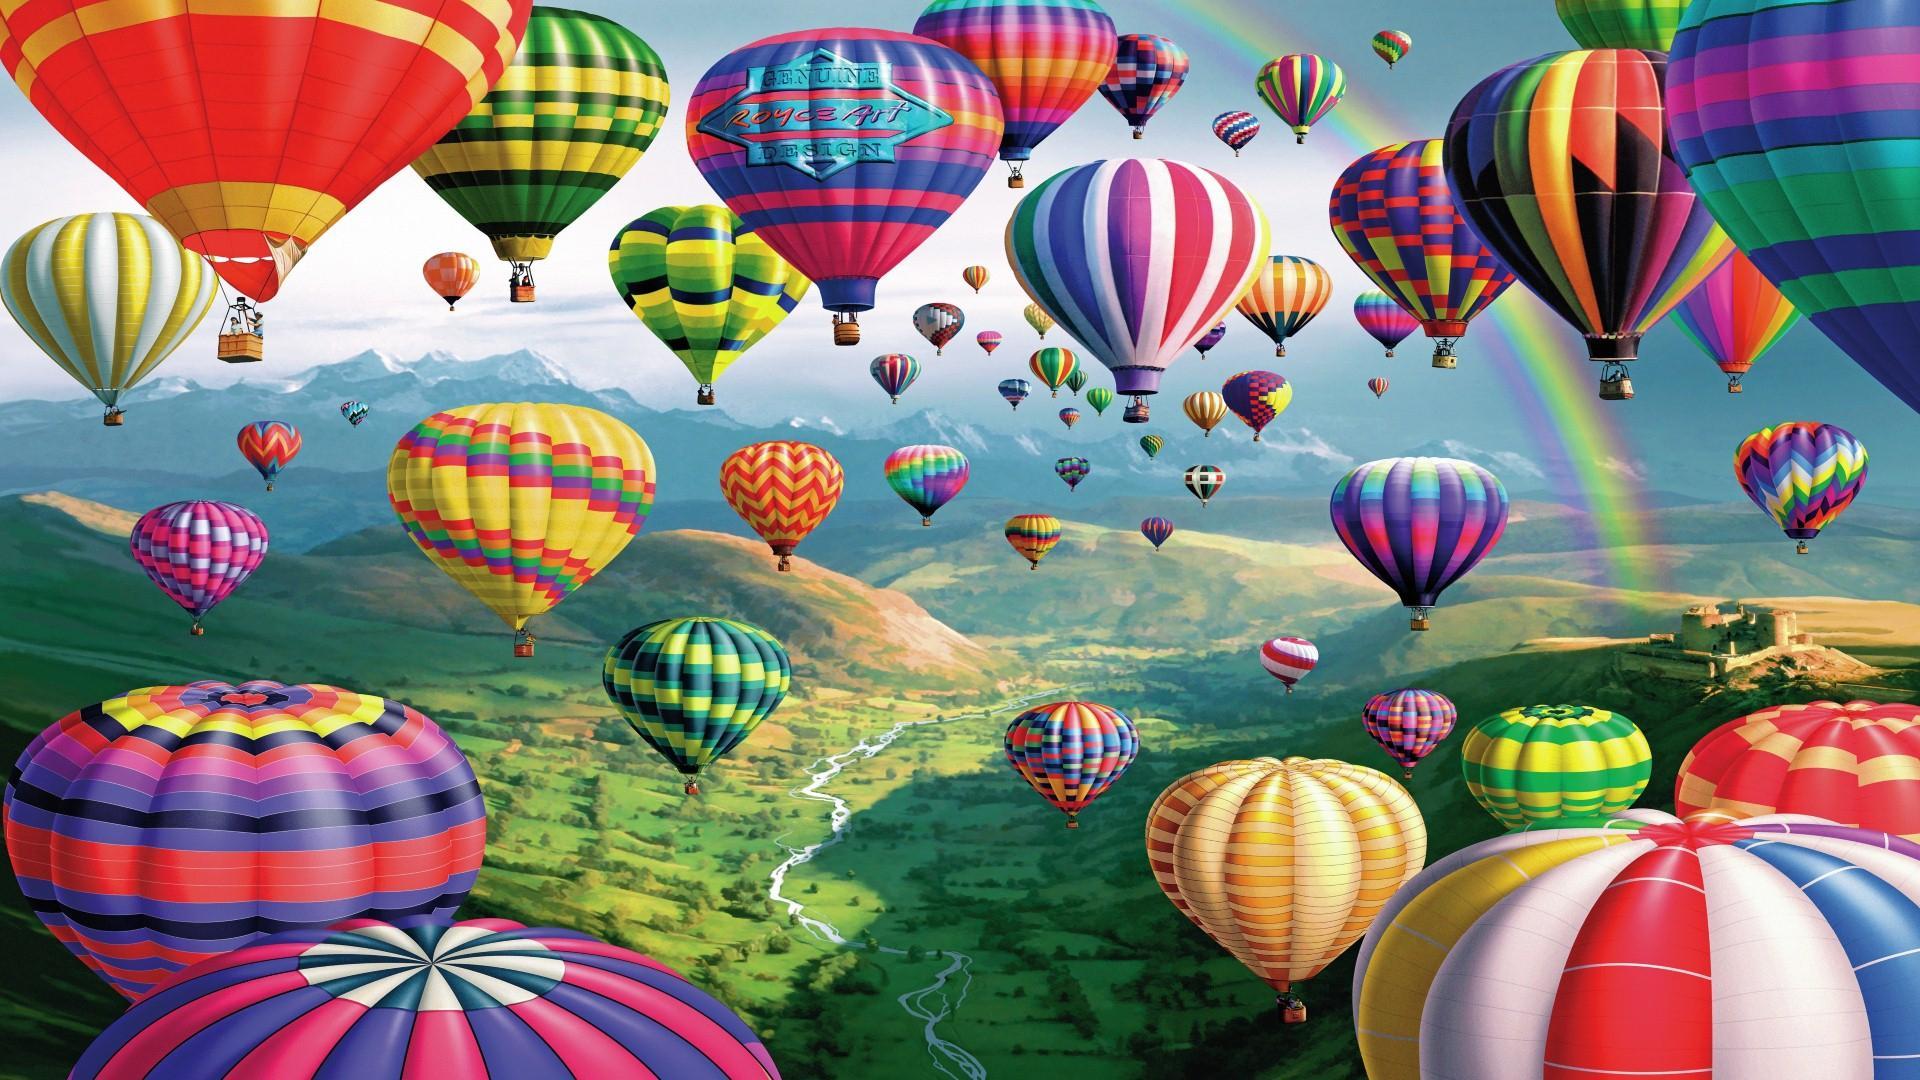 Hình ảnh khinh khí cầu bay đẹp nhất